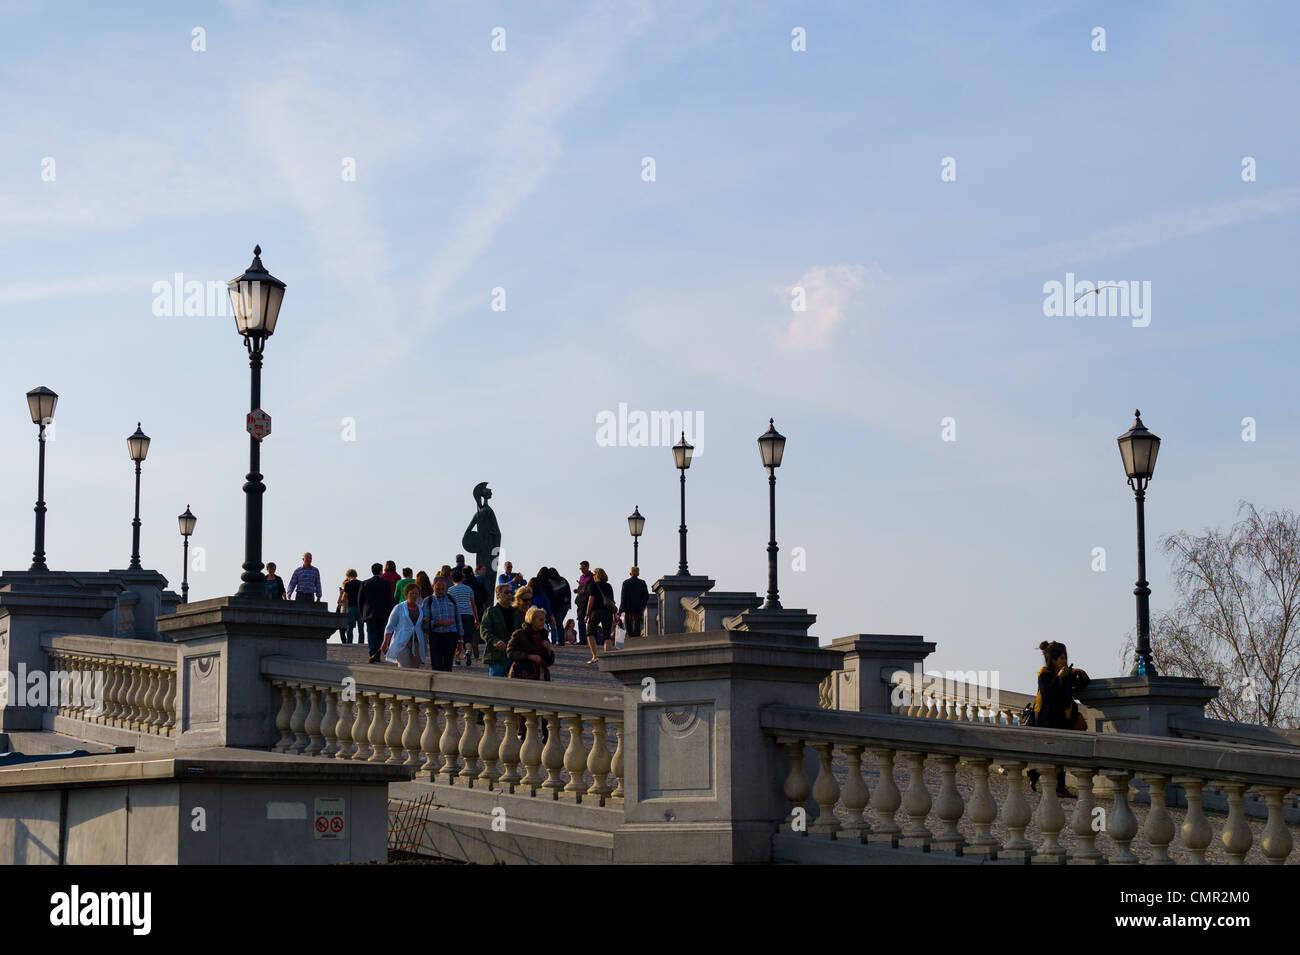 Walkway up to the waterfront in Antwerp, Belgium - Stock Image